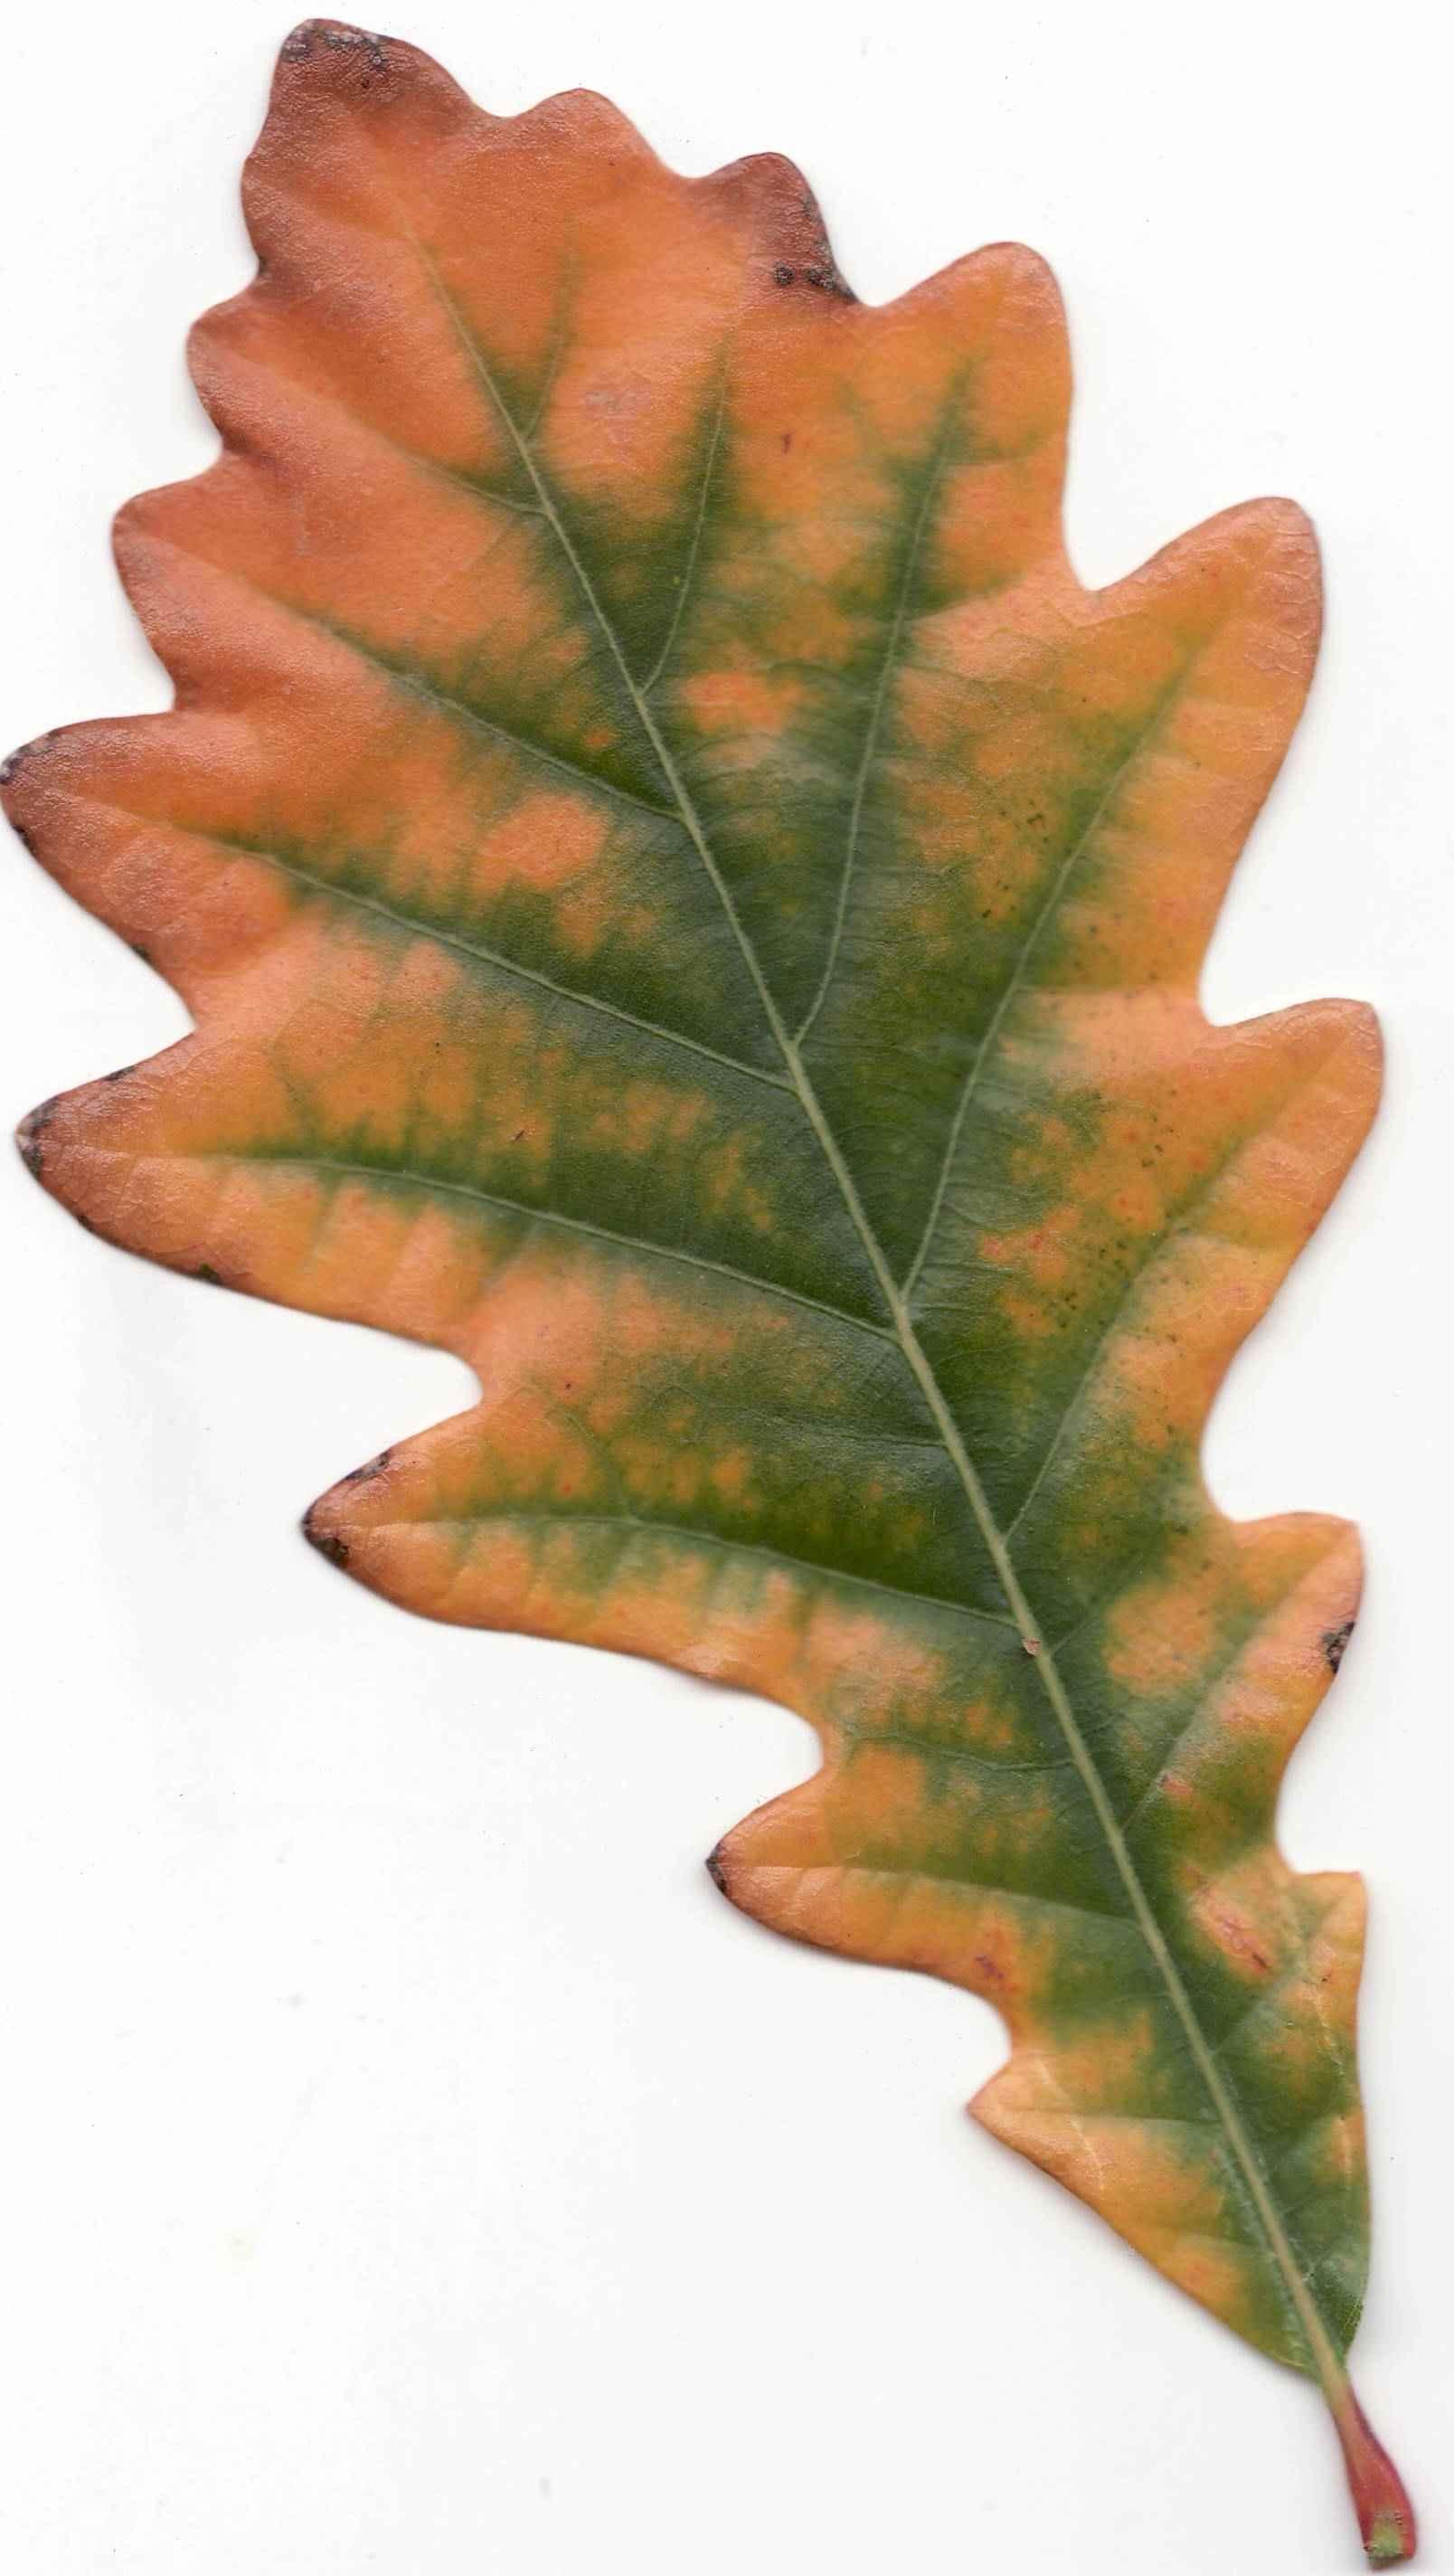 swamp white oak leaf